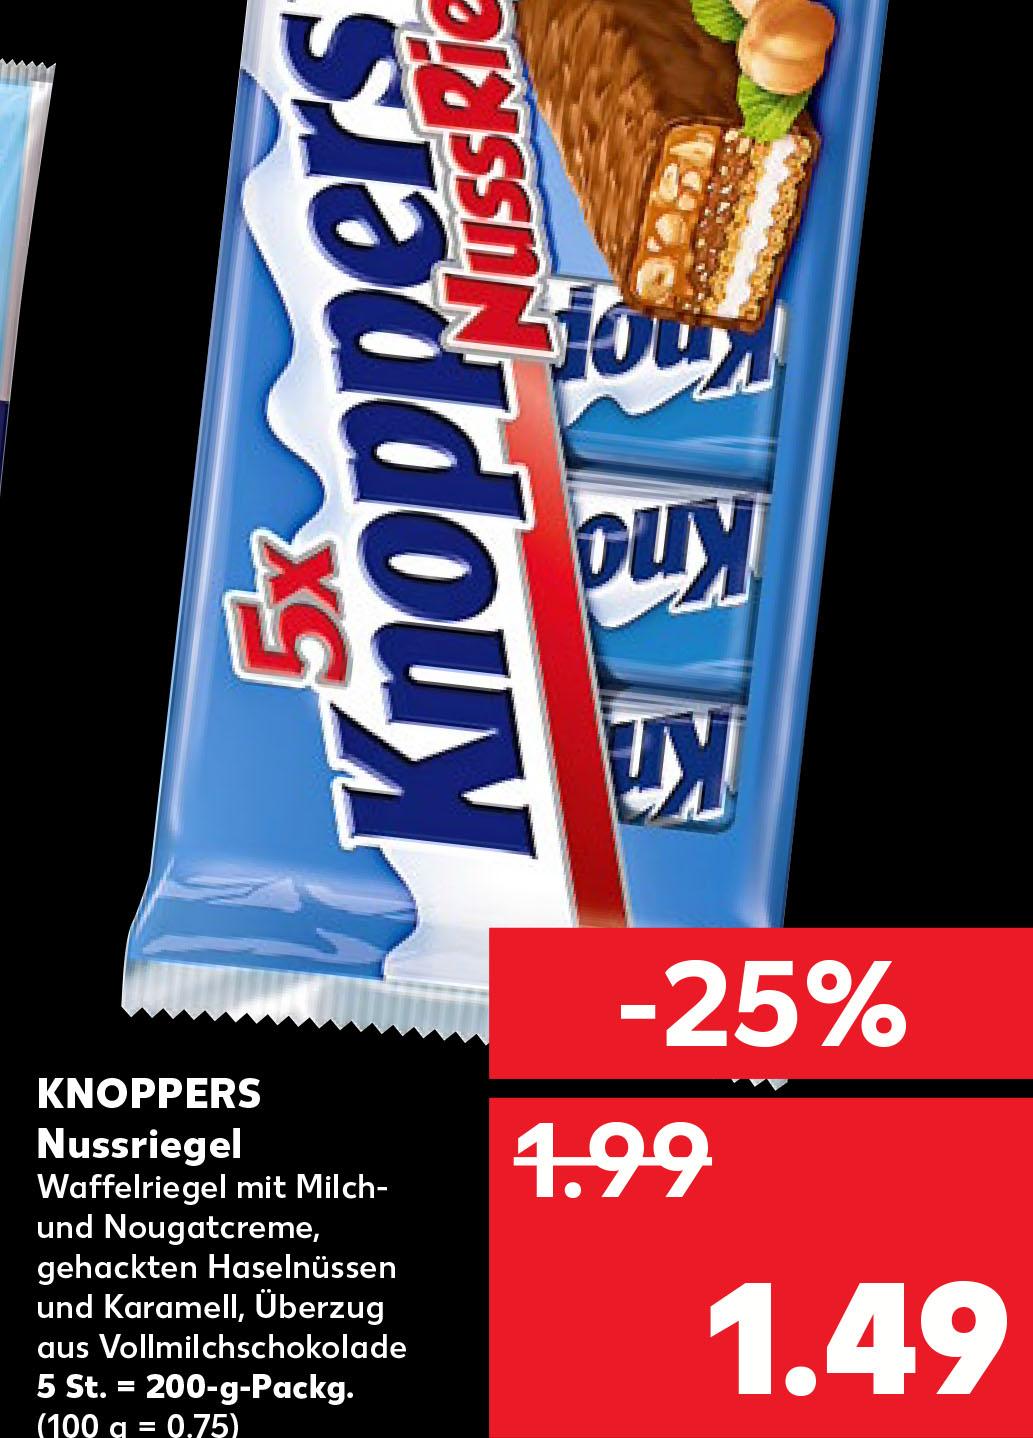 (Kaufland in Essen) Knoppers NussRiegel für 1,49€